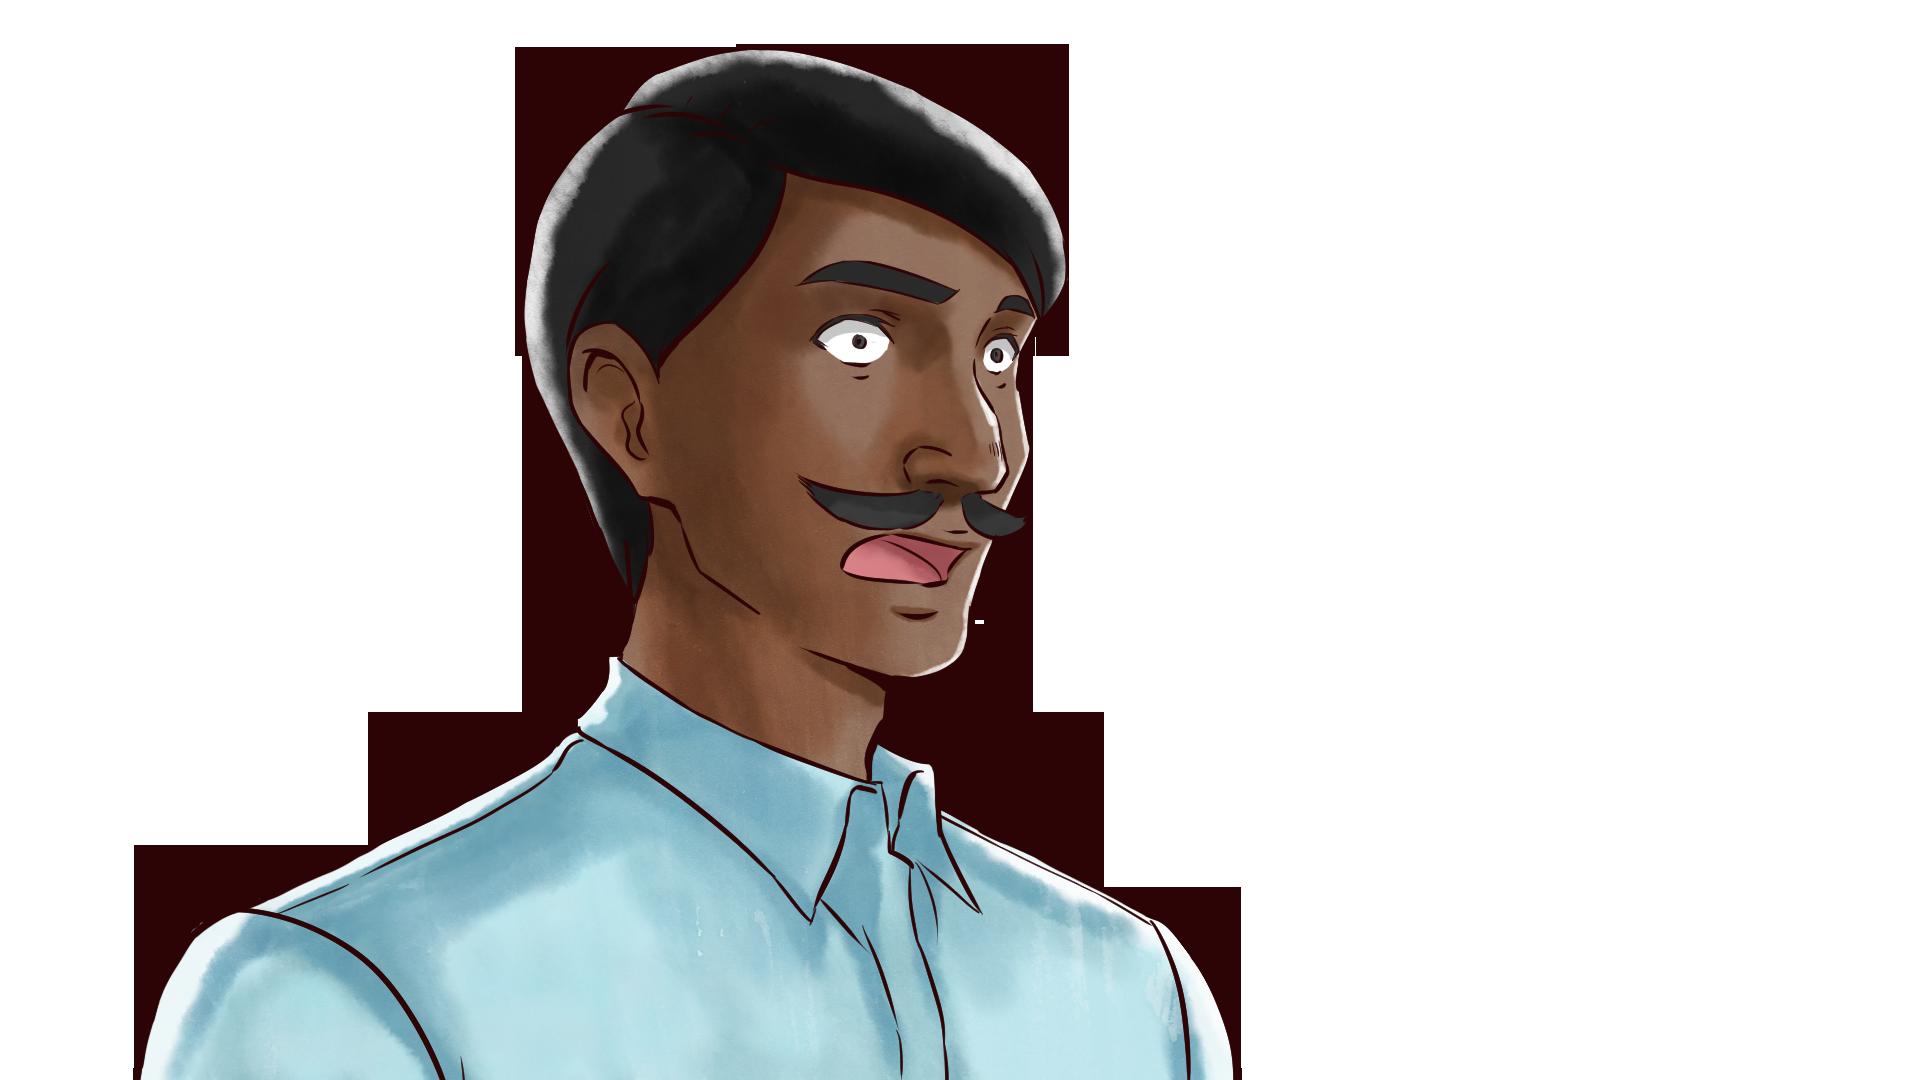 インド人のフリーイラスト画像素材【商用無料】   アイキャッチャー